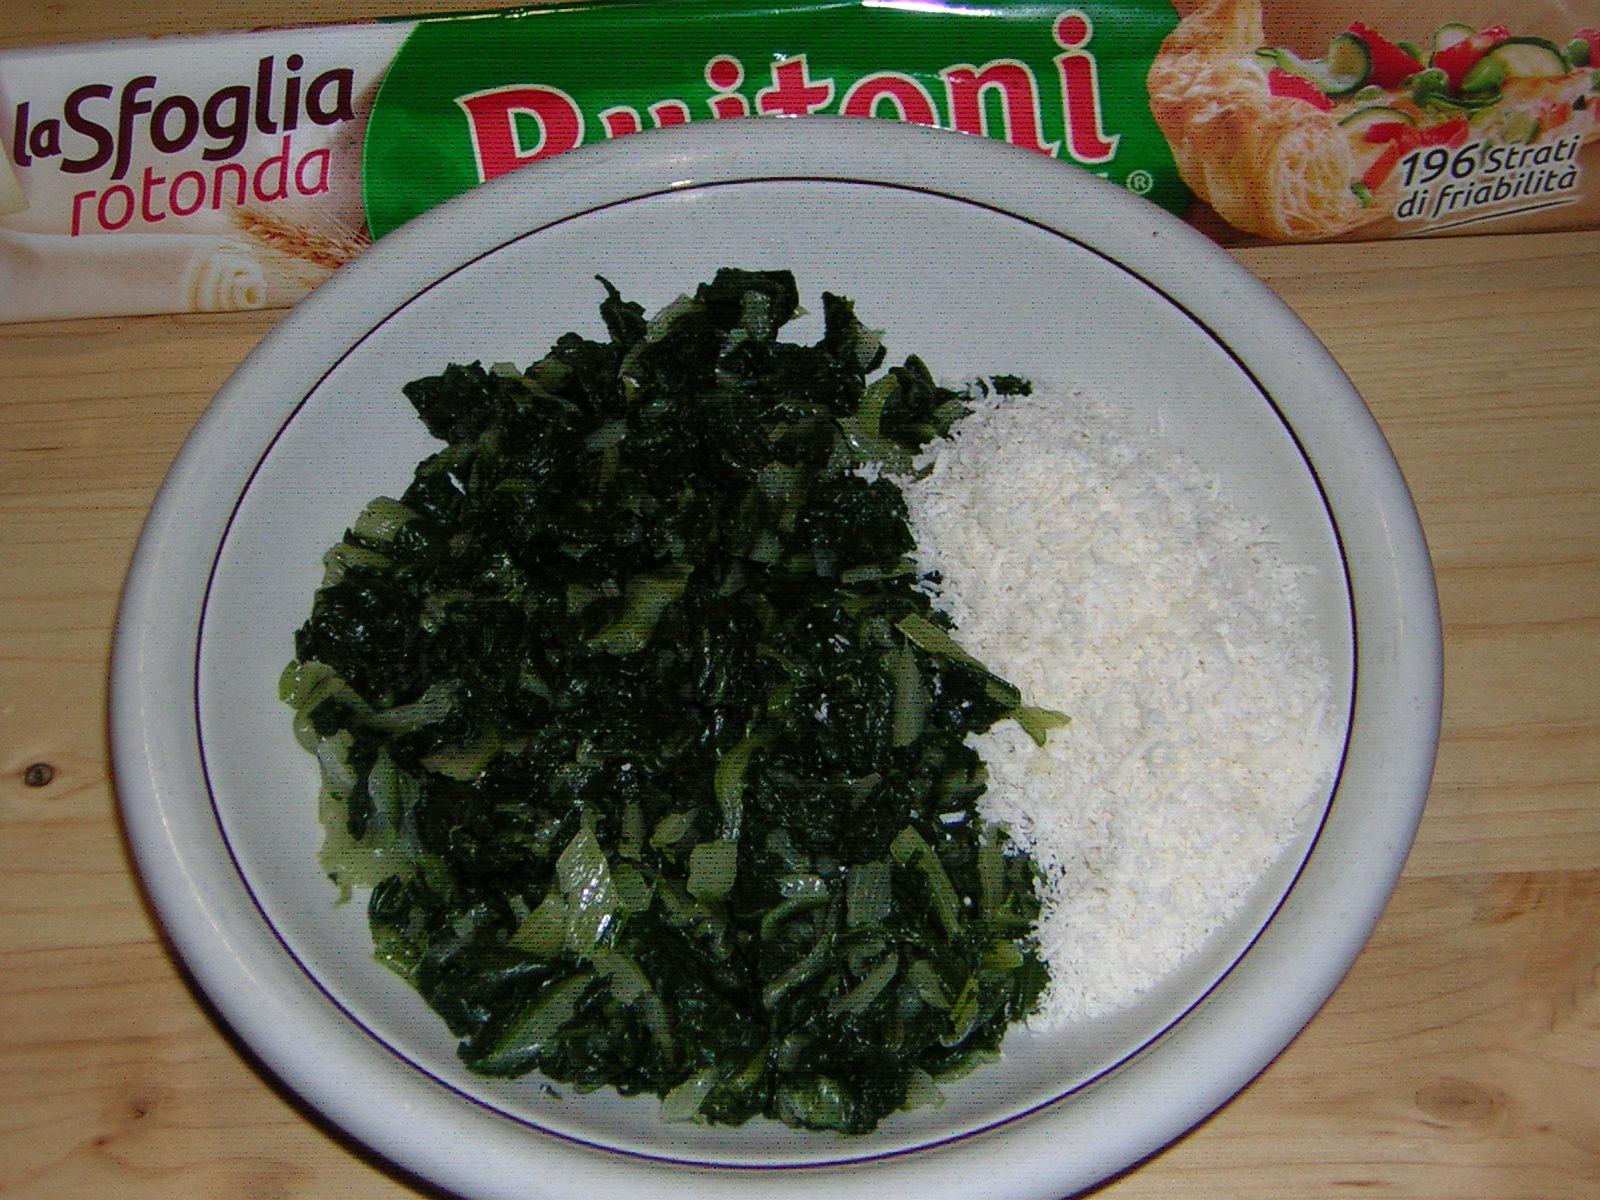 ingredienti degli alberelli di pasta sfoglia ricetta vegetariana